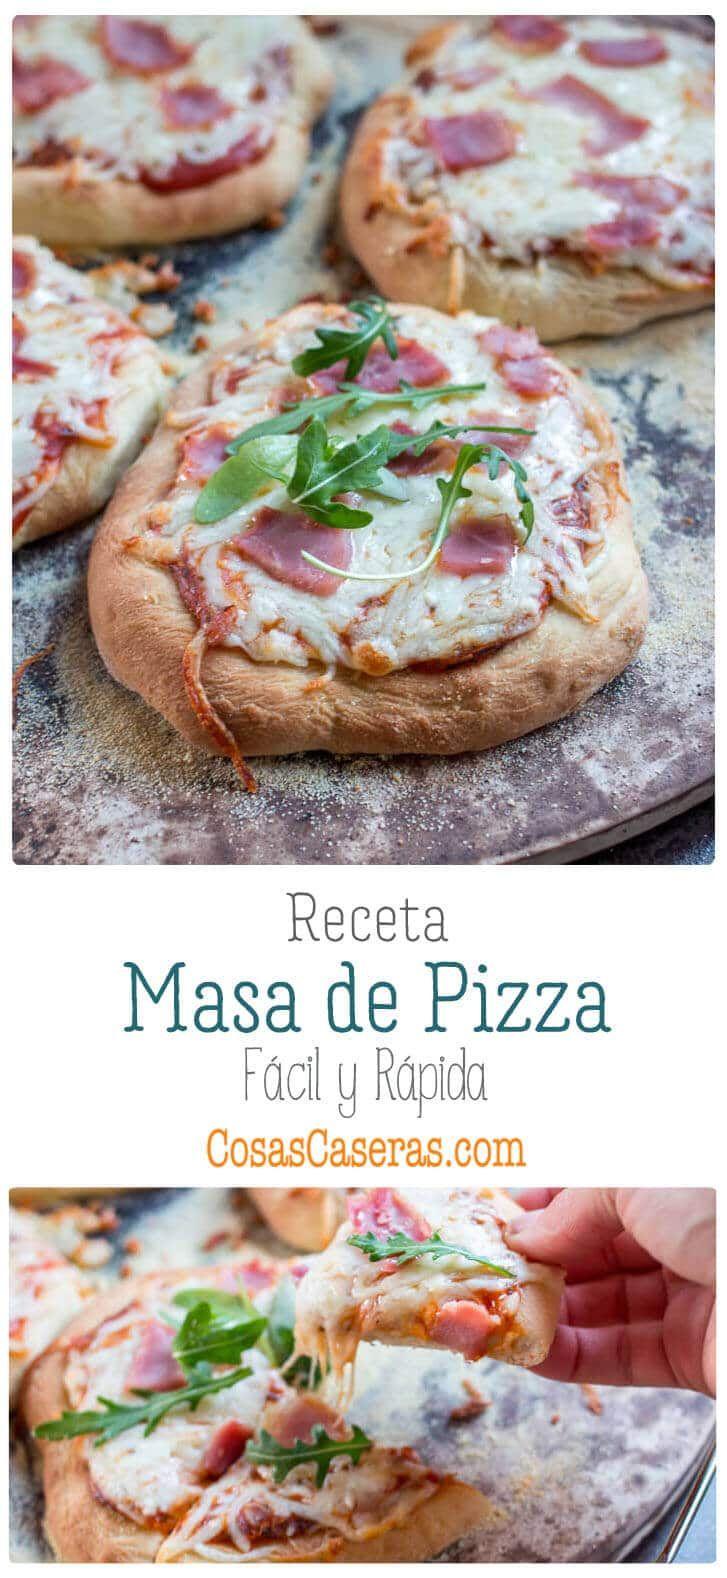 En poco más de media hora, tendrás lista esta receta de masa de pizza rápida y fácil para hacer unas pizzas deliciosas y a tu gusto. #pizza #masa #masapizza